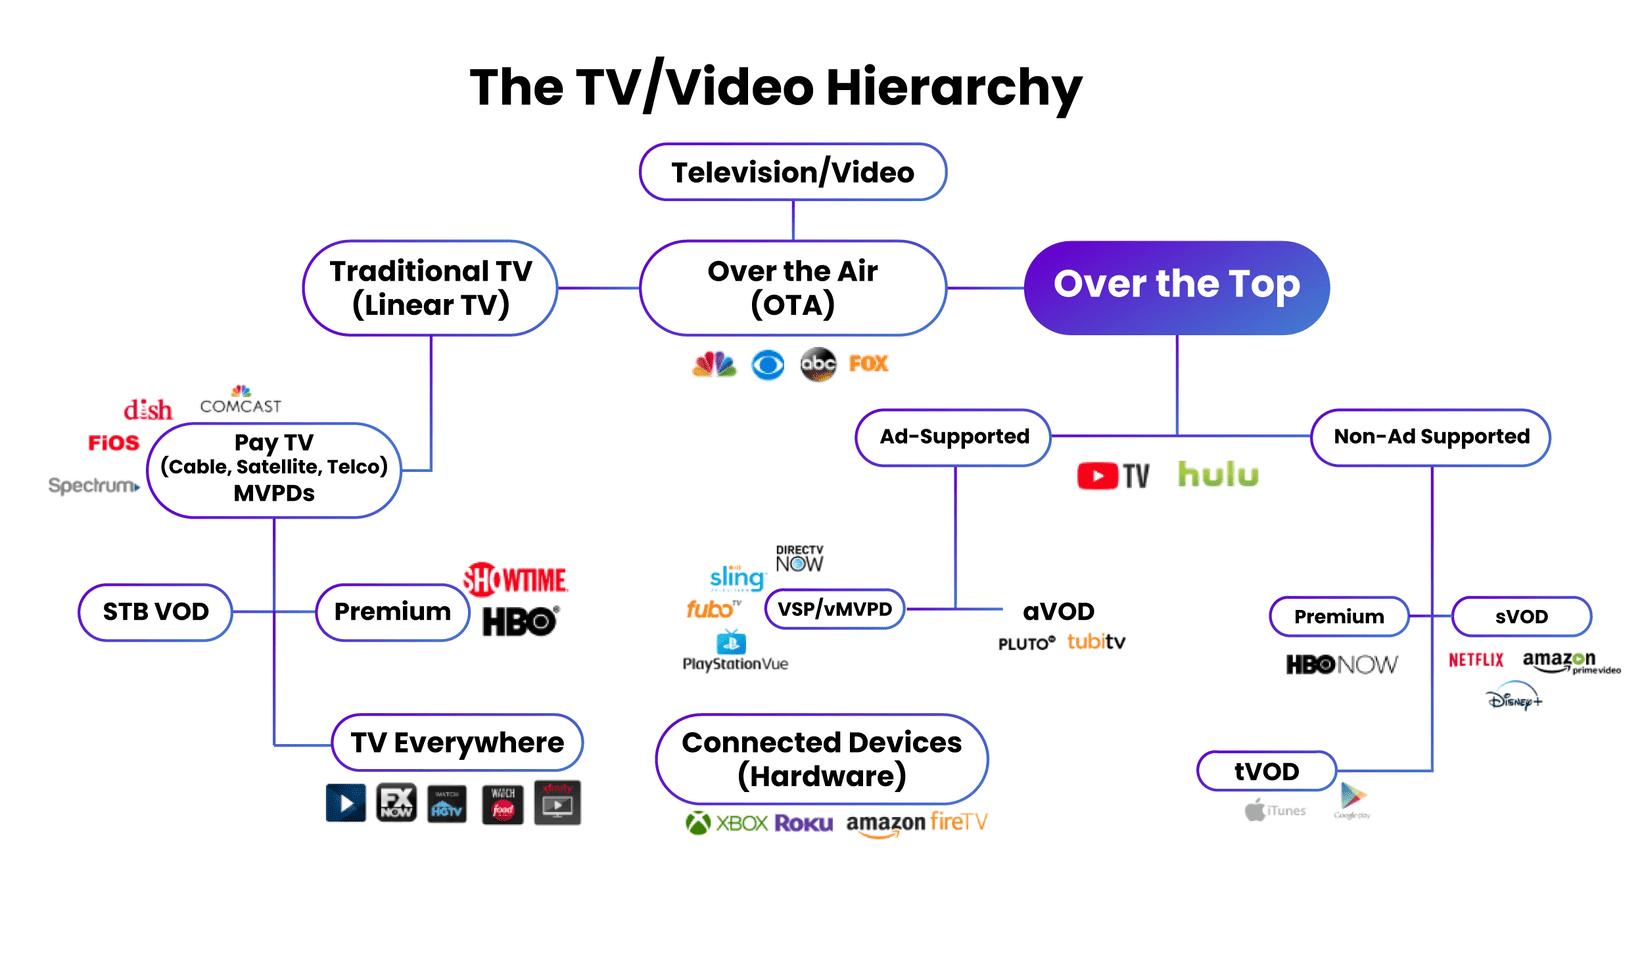 ott advertising ecosystem